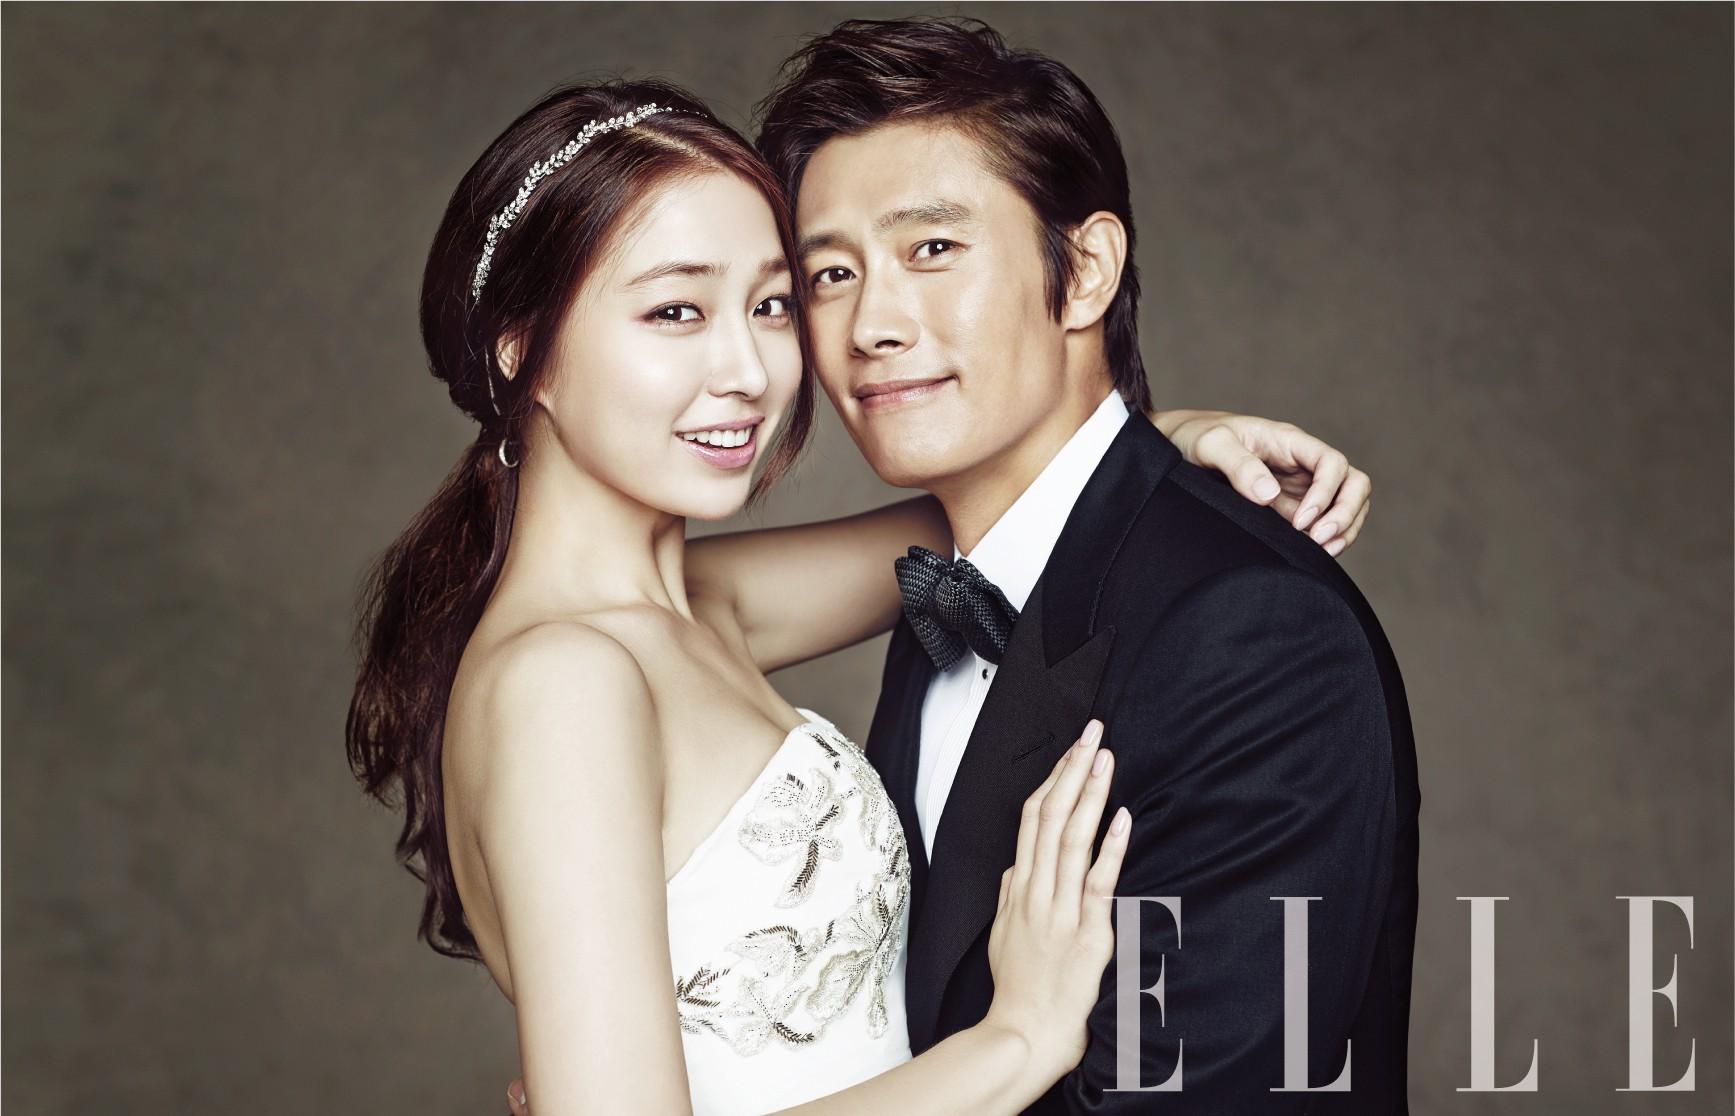 Sang Mỹ chơi, vợ chồng Lee Byung Hun và mỹ nhân Vườn sao băng tiện tay tậu luôn nhà 46 tỉ gần Universal Studios - Ảnh 1.